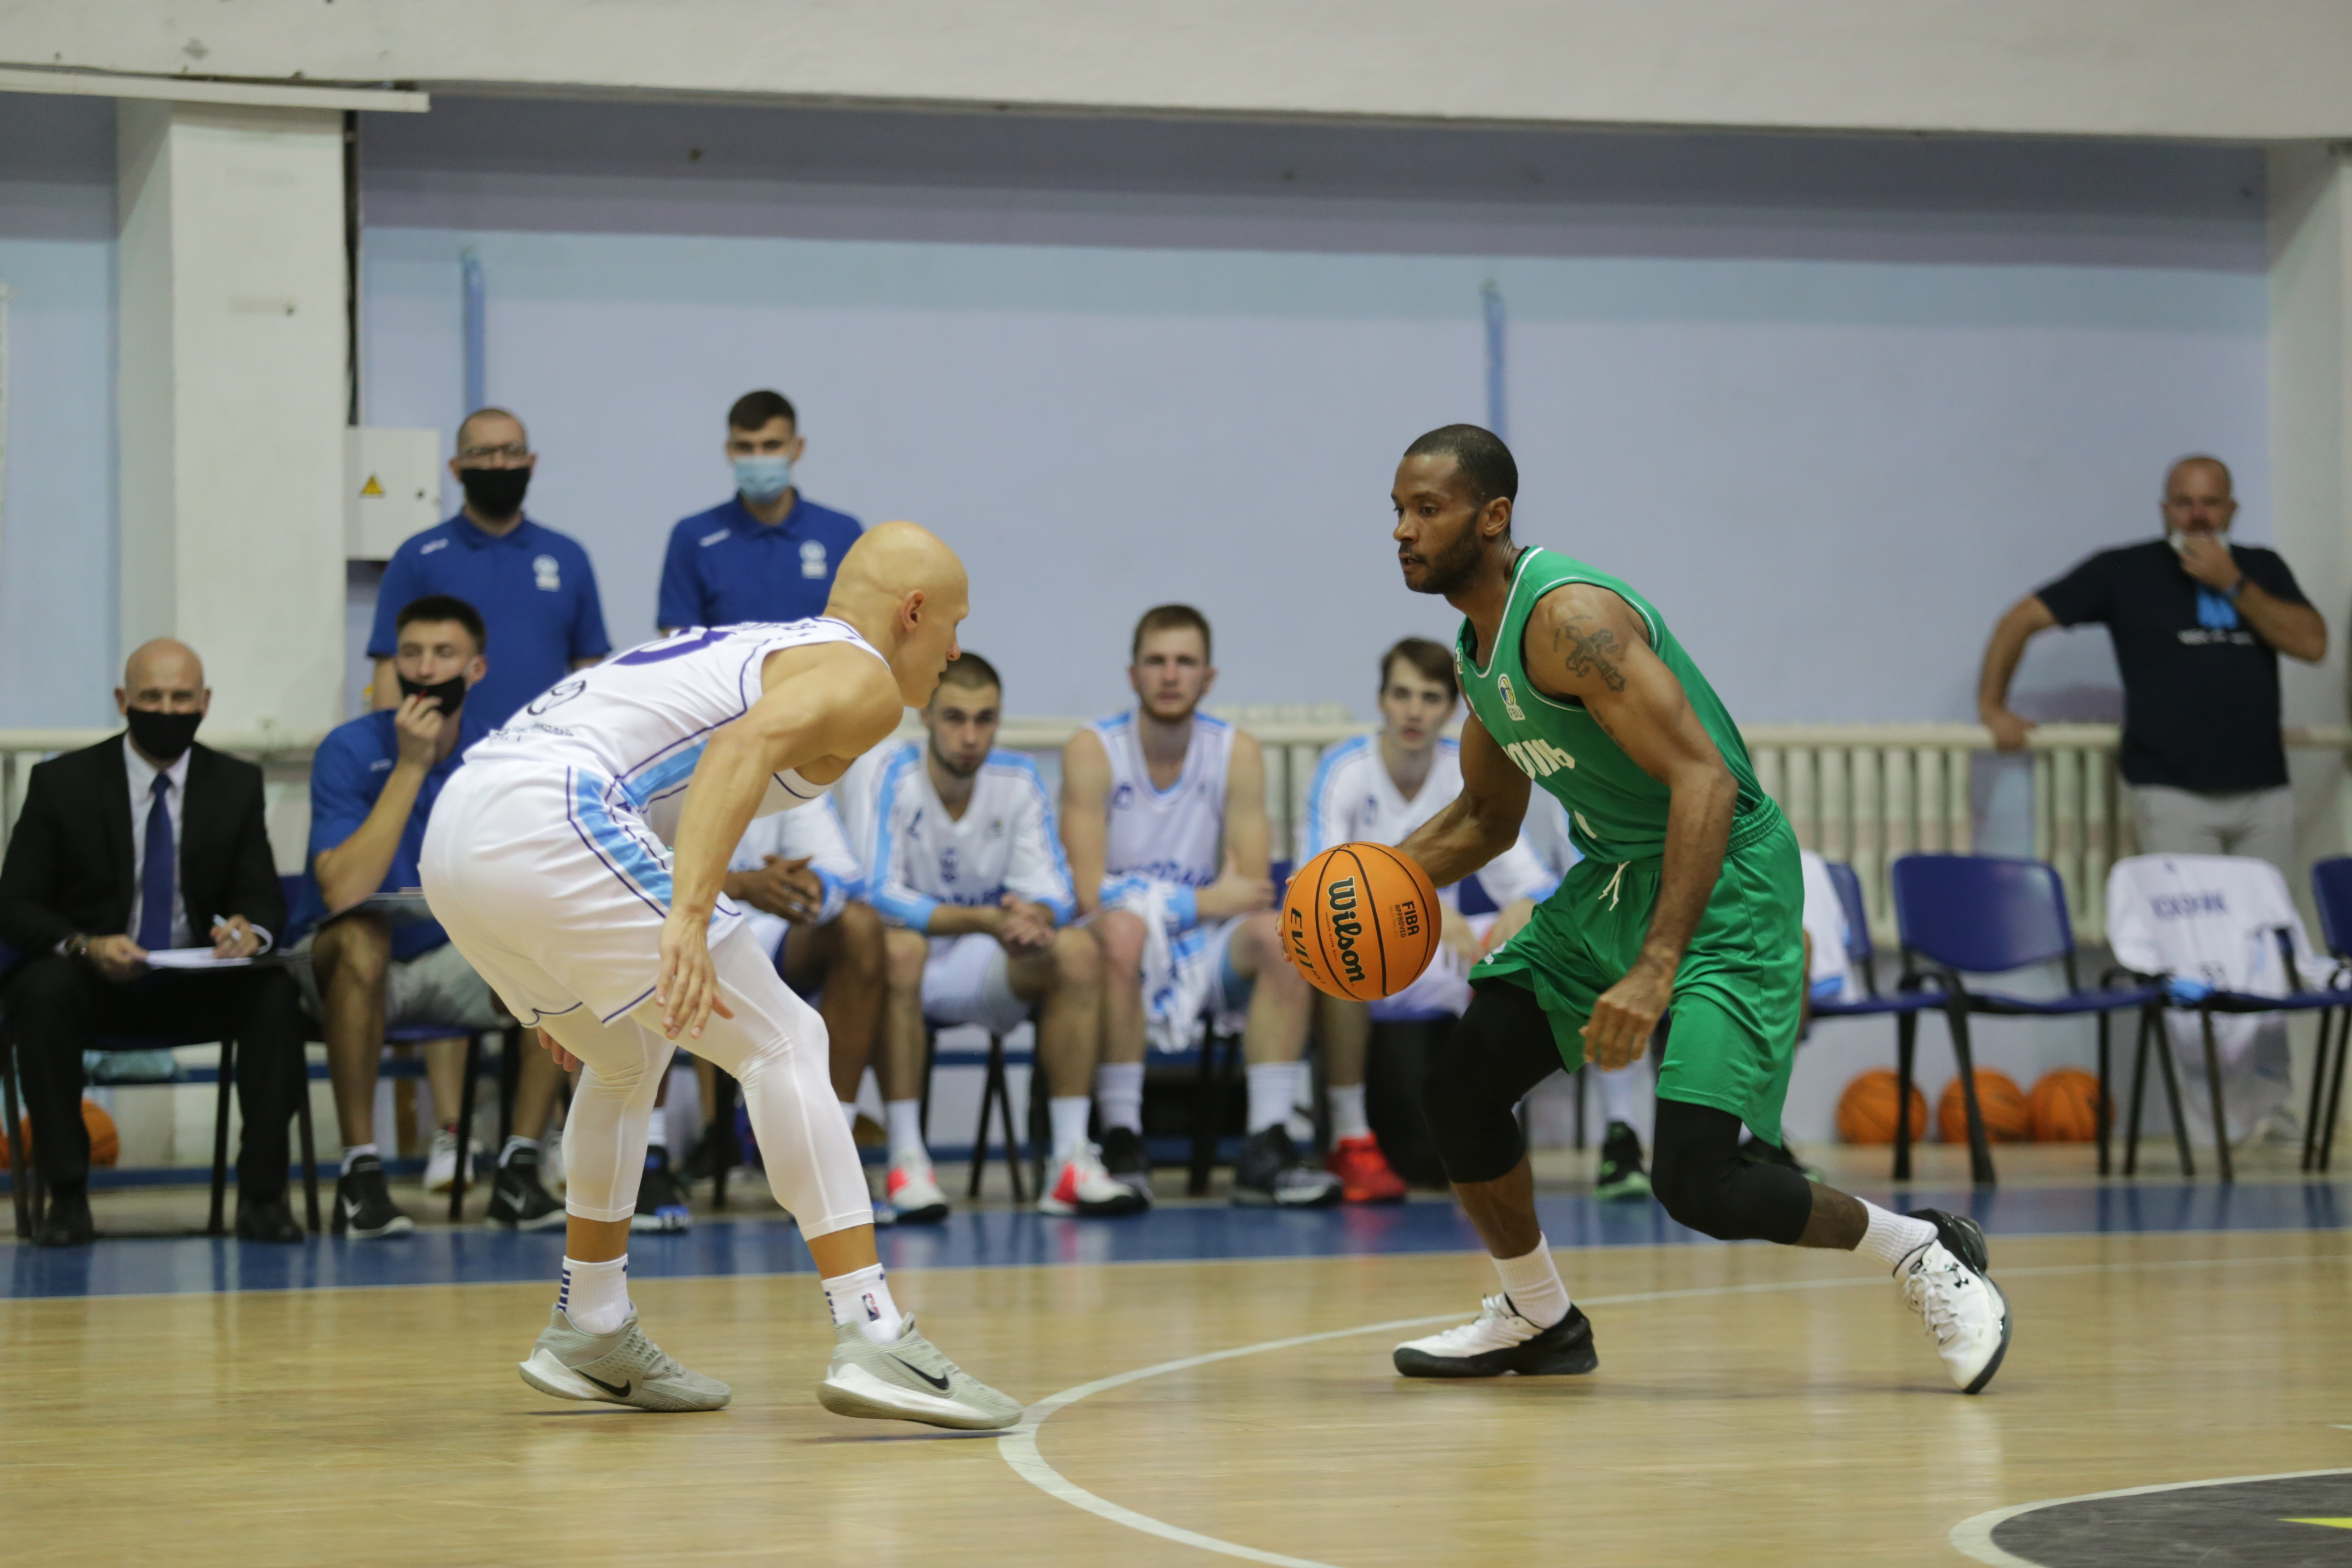 МБК «Николаев» начал сезон с разгромного поражения, уступив «Тернополю» дома